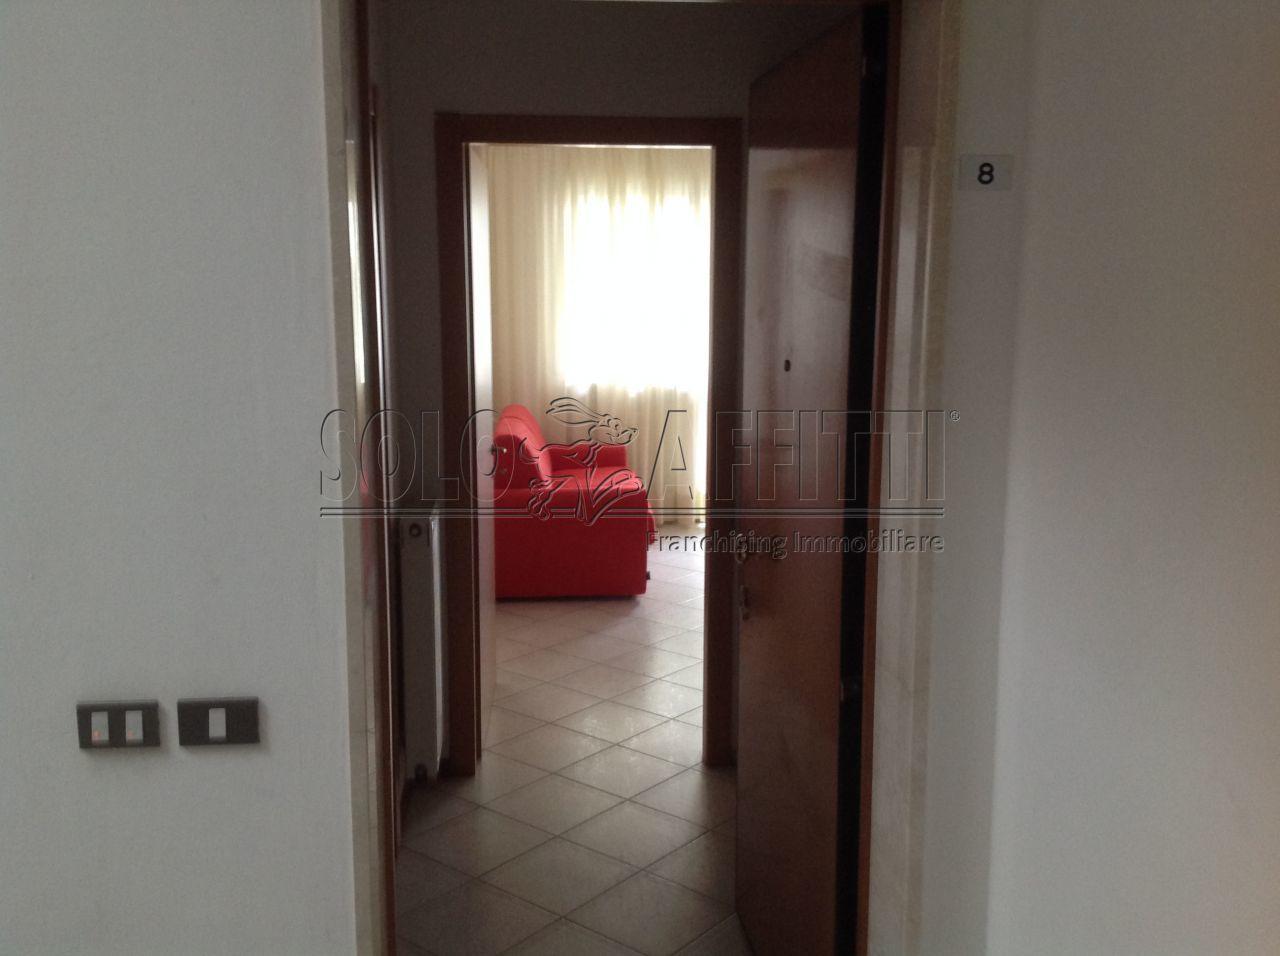 Bilocale Trento Via Guardini 24 3